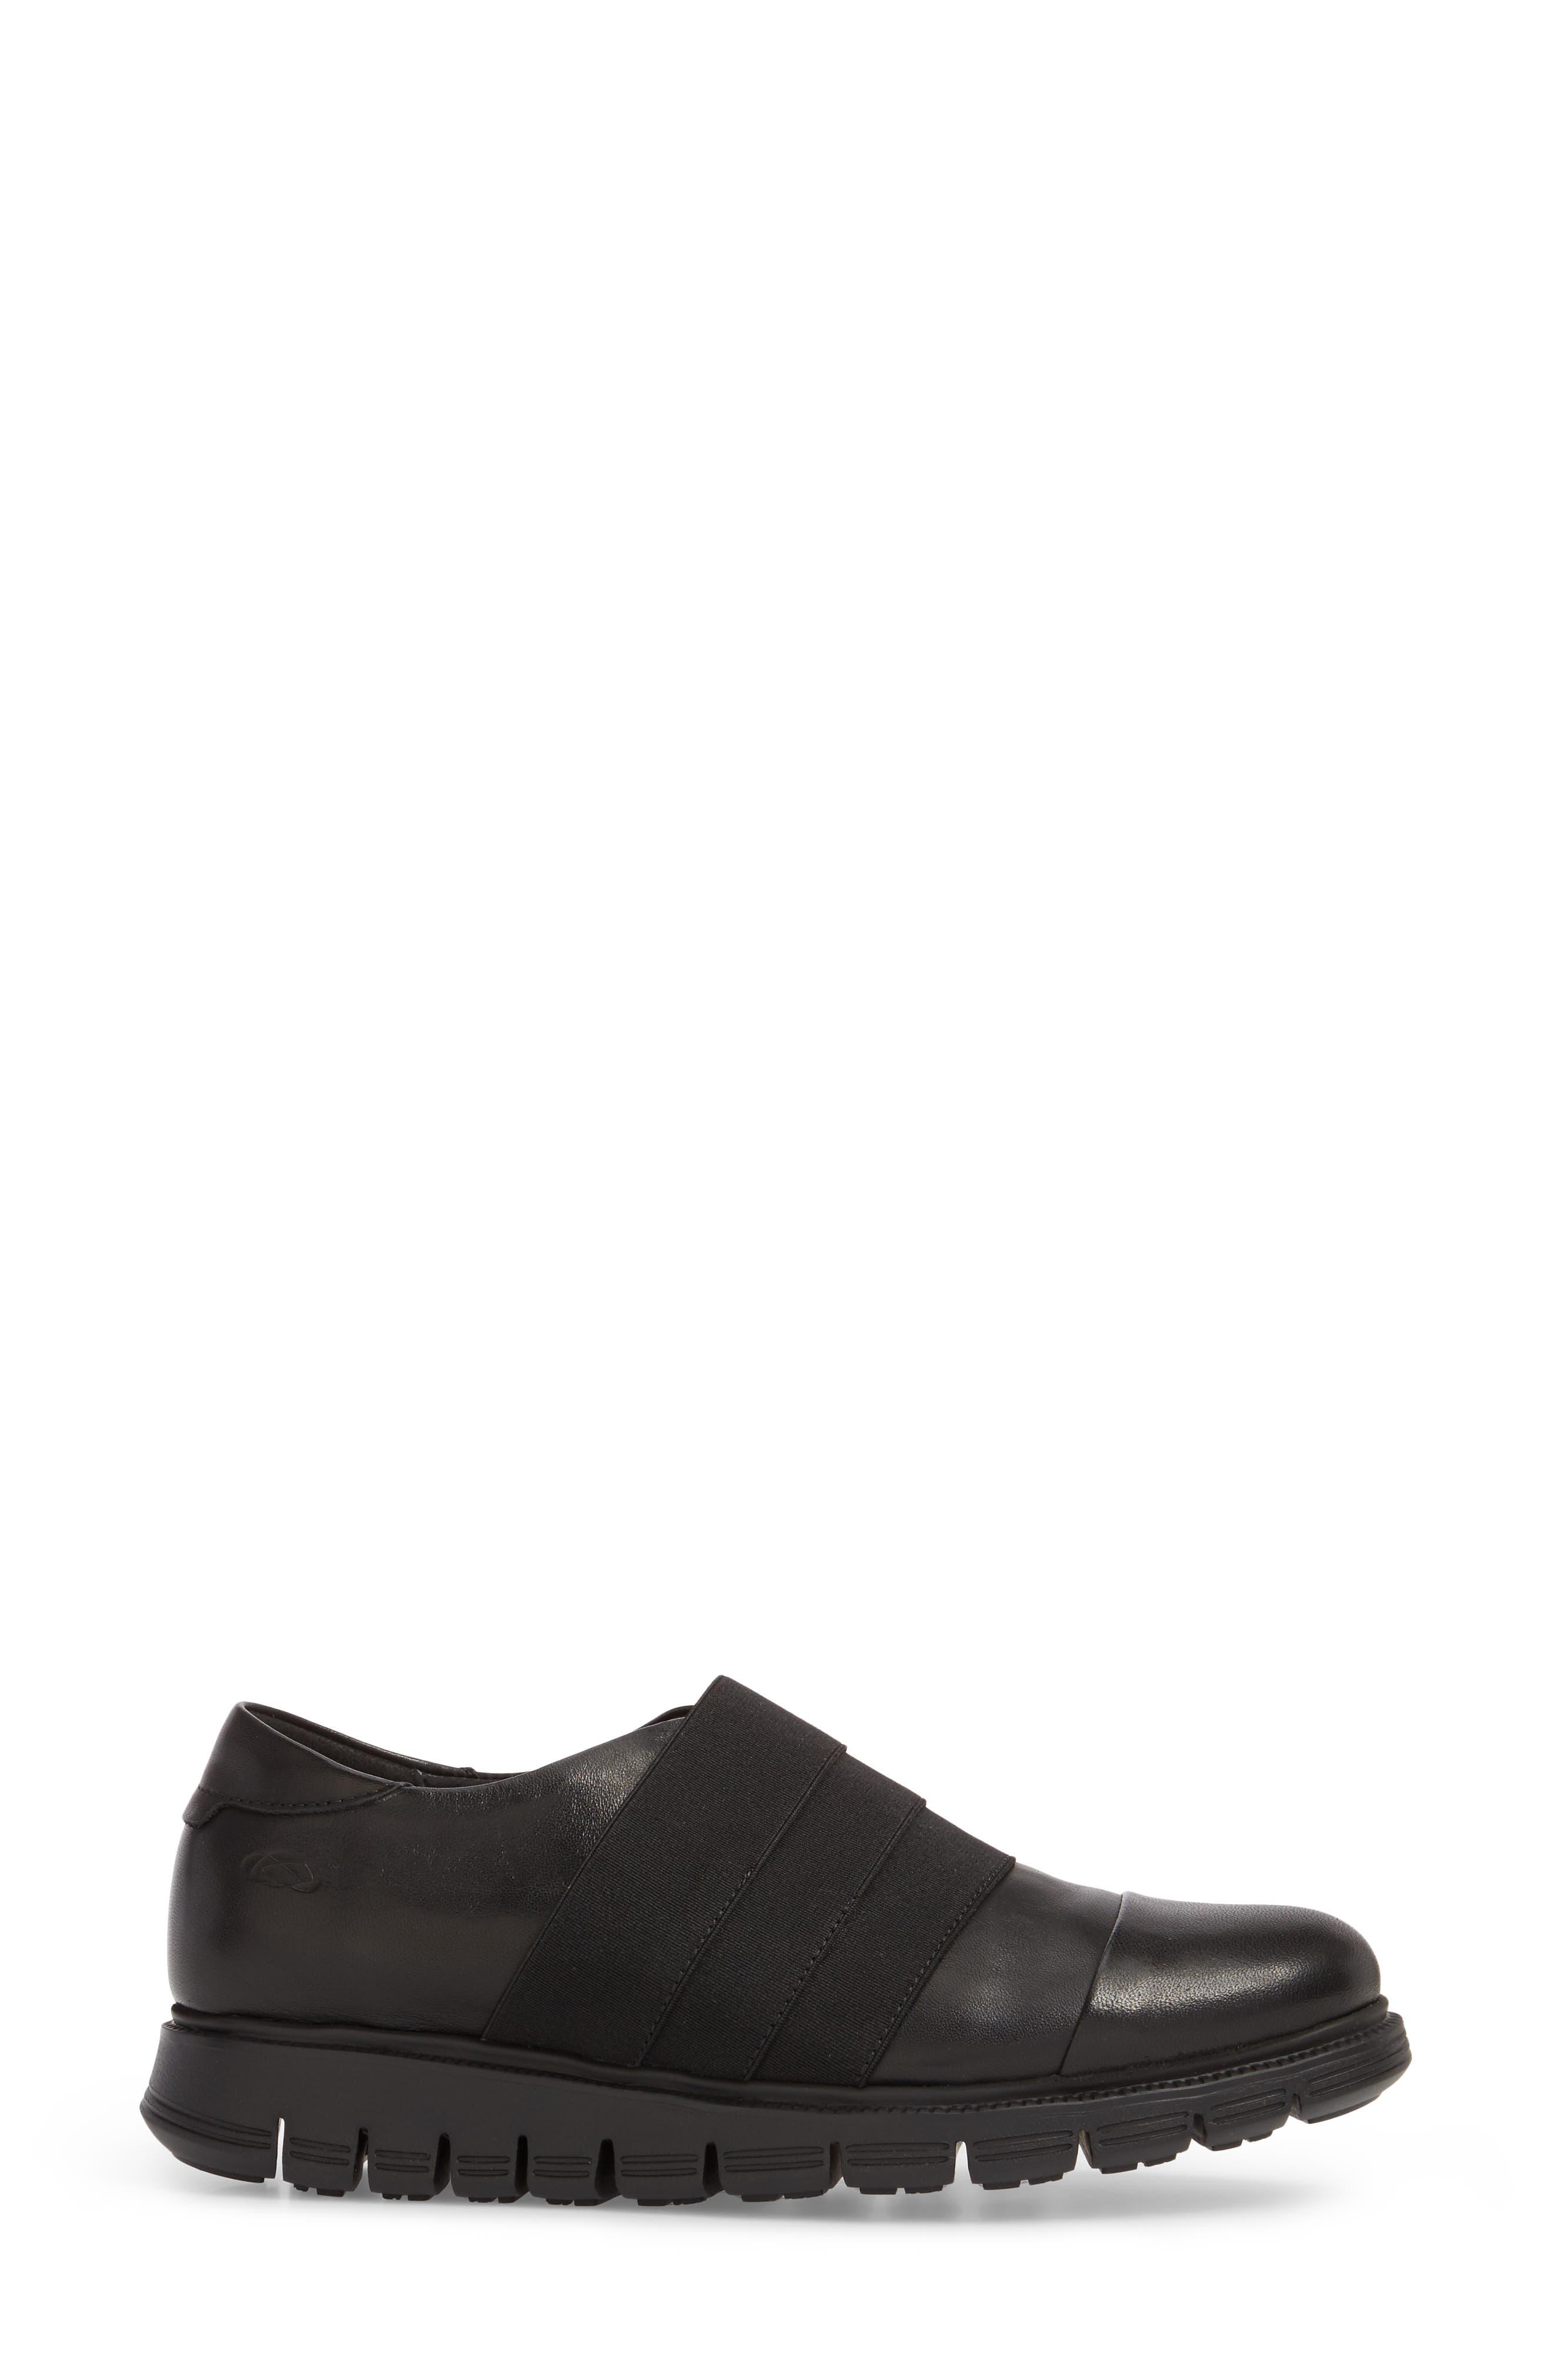 Grace Slip-On Sneaker,                             Alternate thumbnail 3, color,                             001